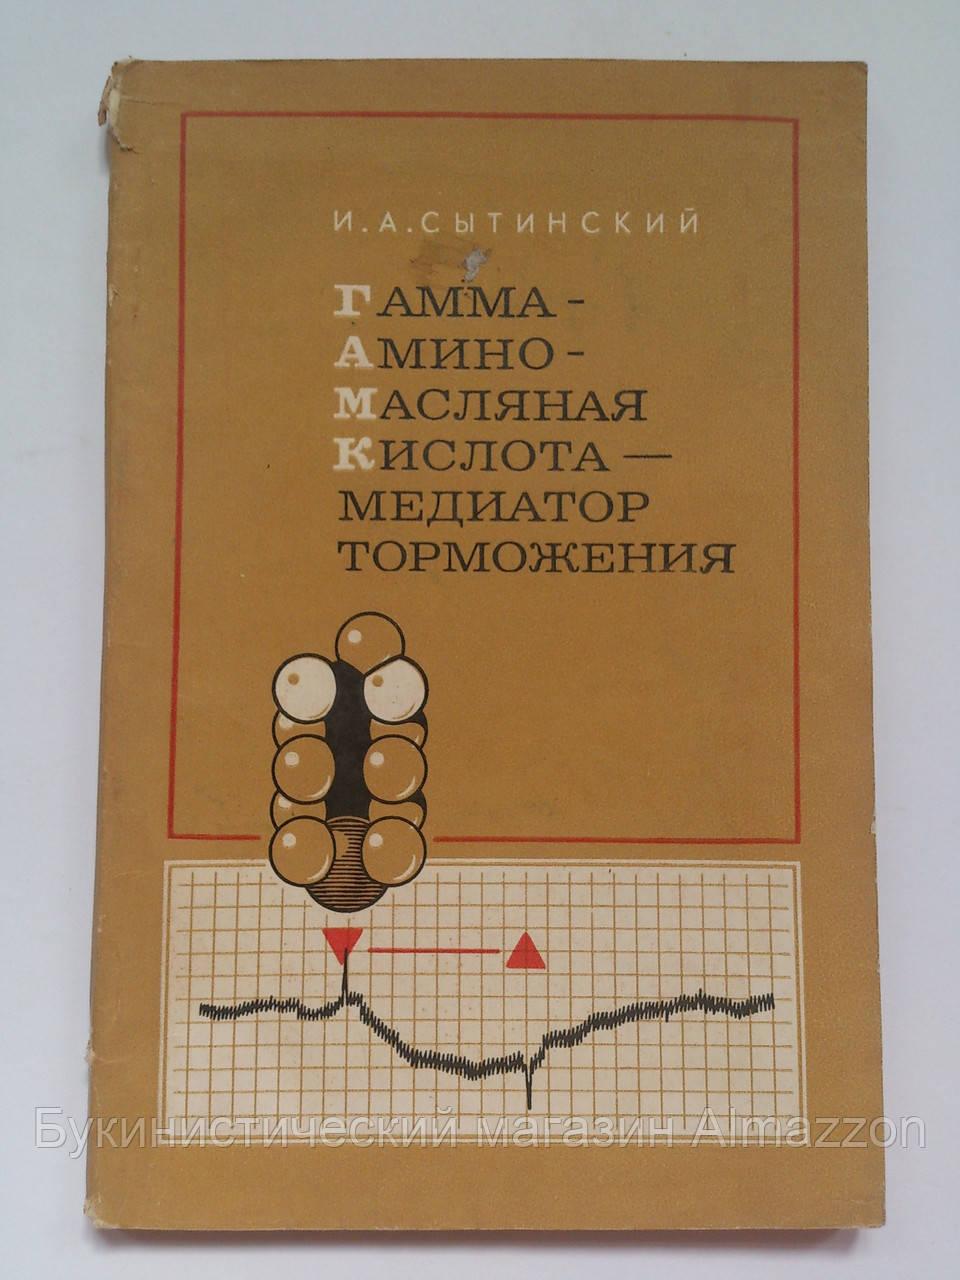 """Сытинский И. """"Гамма-аминомасляная кислота - медиатор торможения"""". 1977 год"""